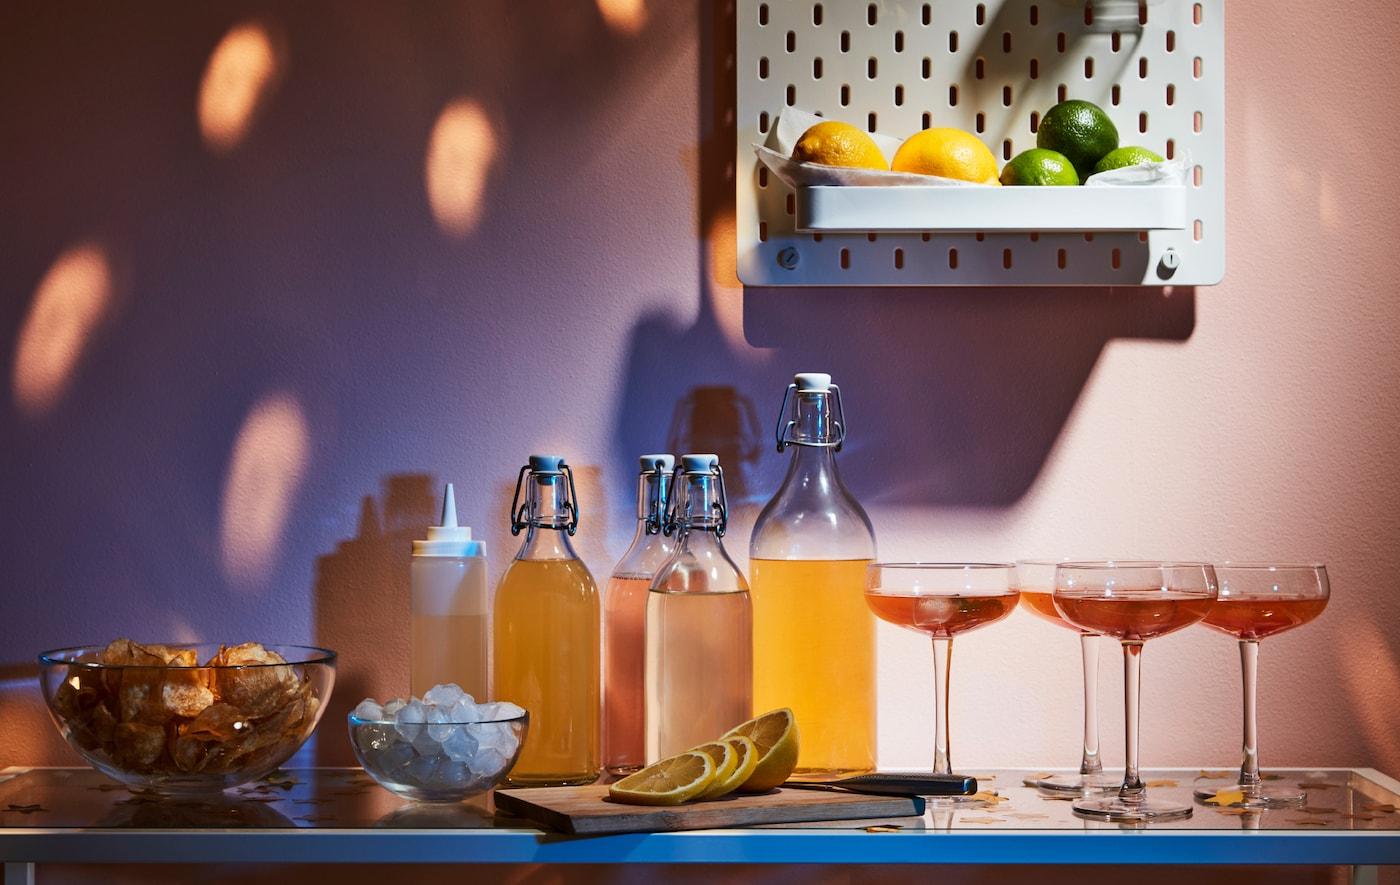 Sidebord med drikkevarer, glas og tilbehør. På væggen over bordet hænger en SKÅDIS hulplade med citroner og lime.